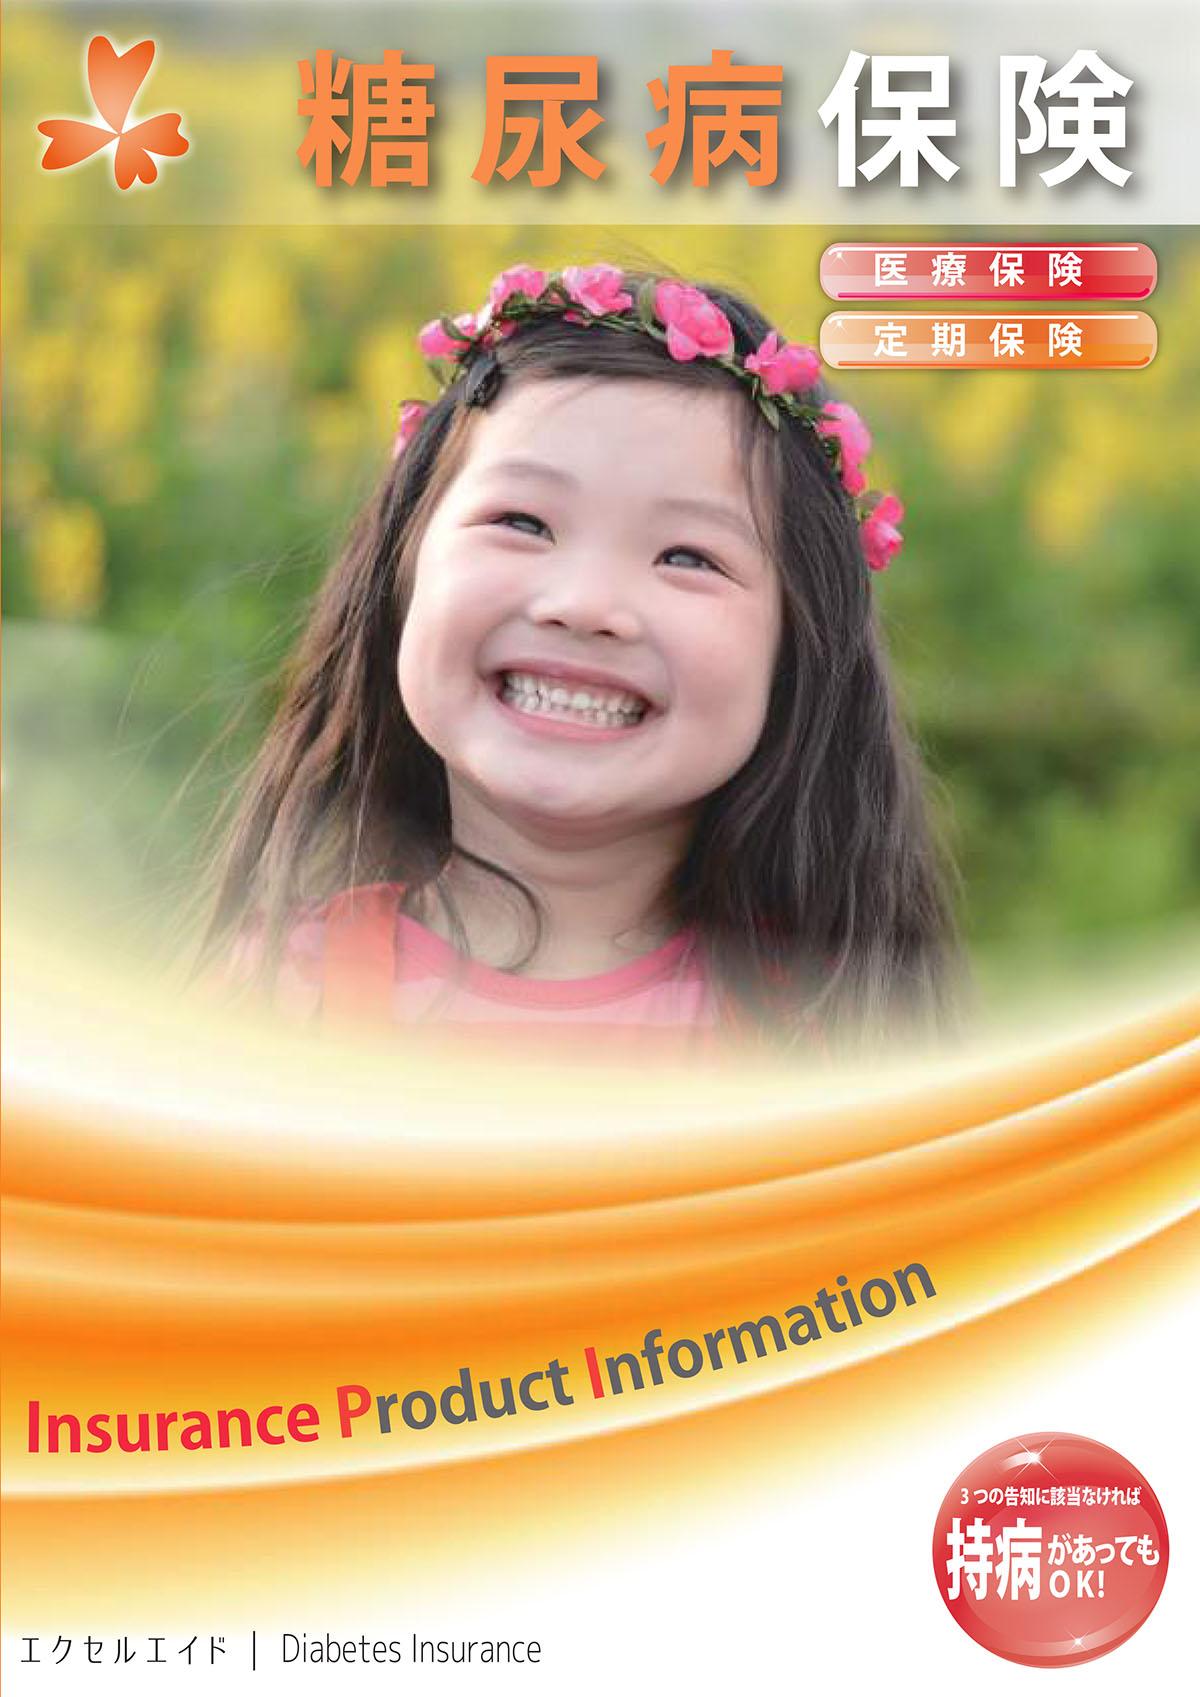 エクセルエイドの糖尿病保険